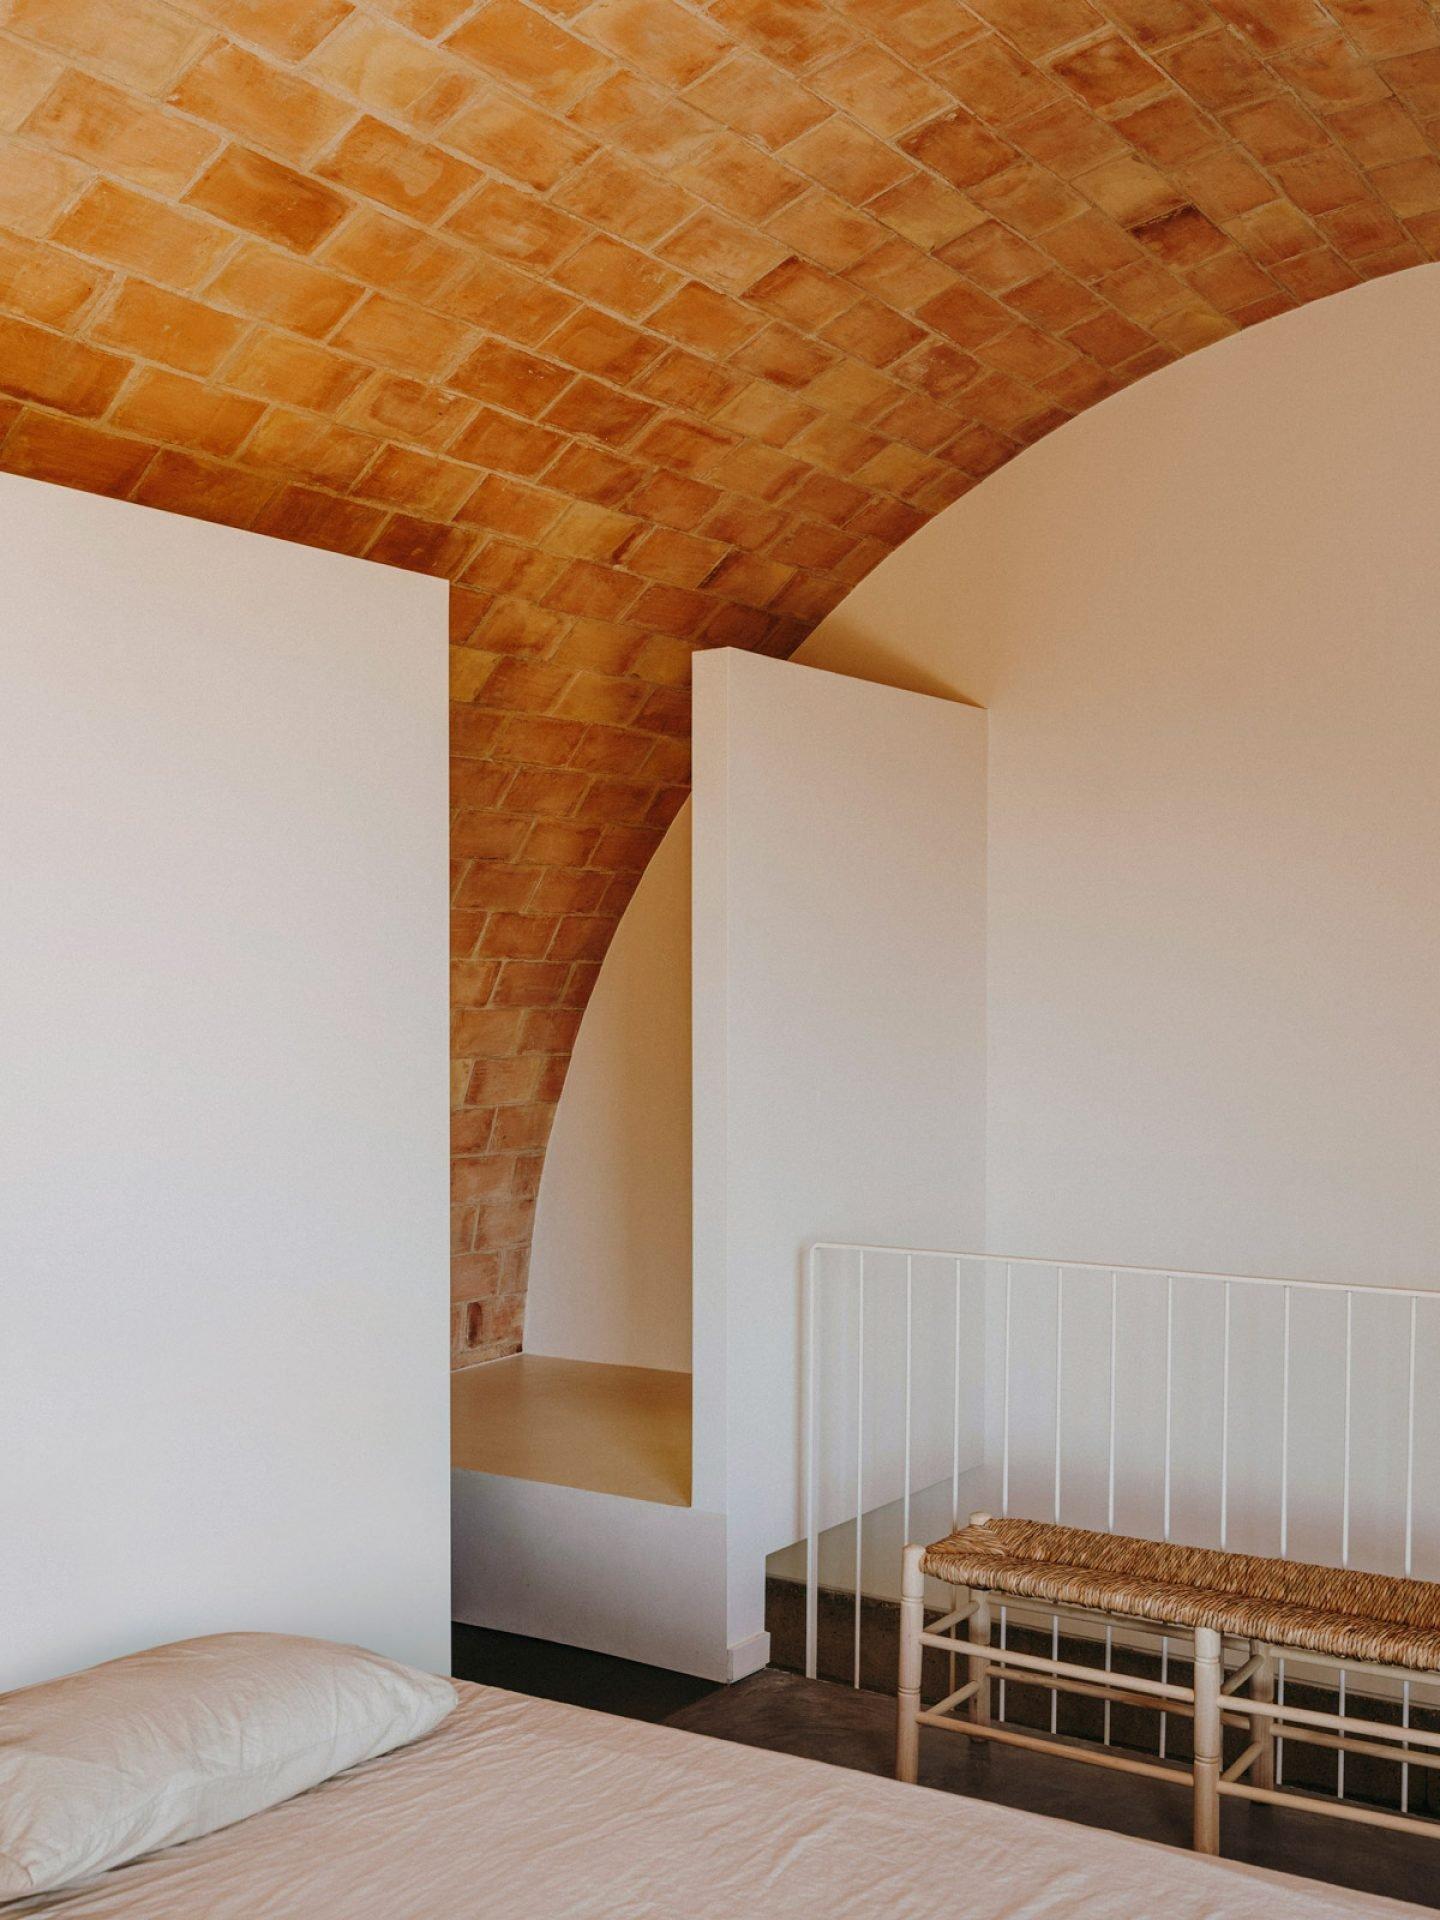 IGNANT-architecture-CasaTer-SalvaLopez-33